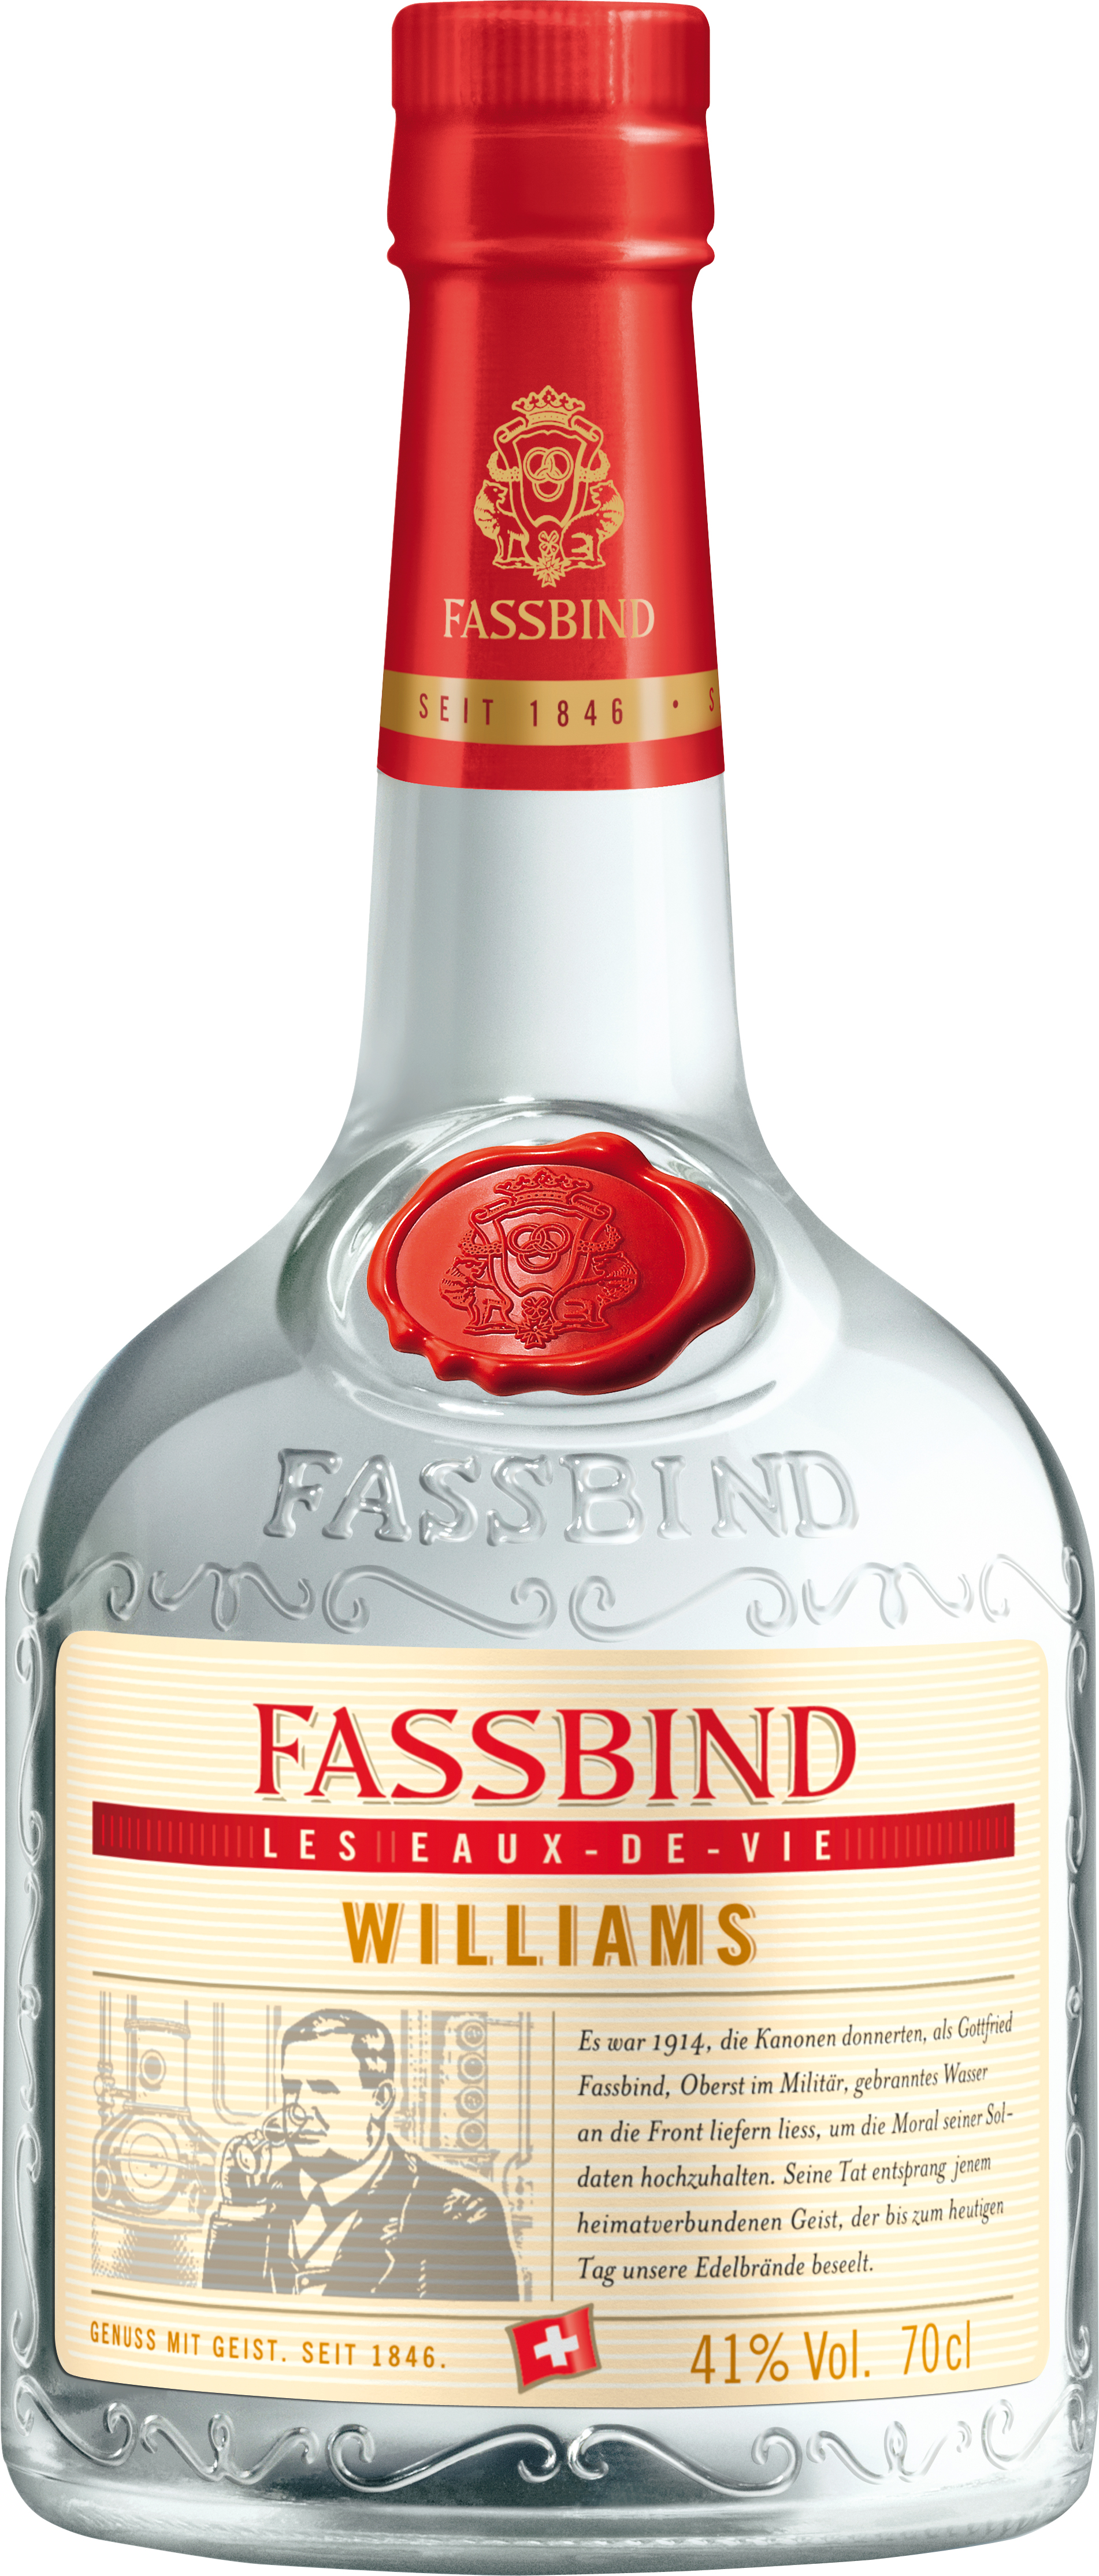 Fassbind Williamsbirne Selection Prestige